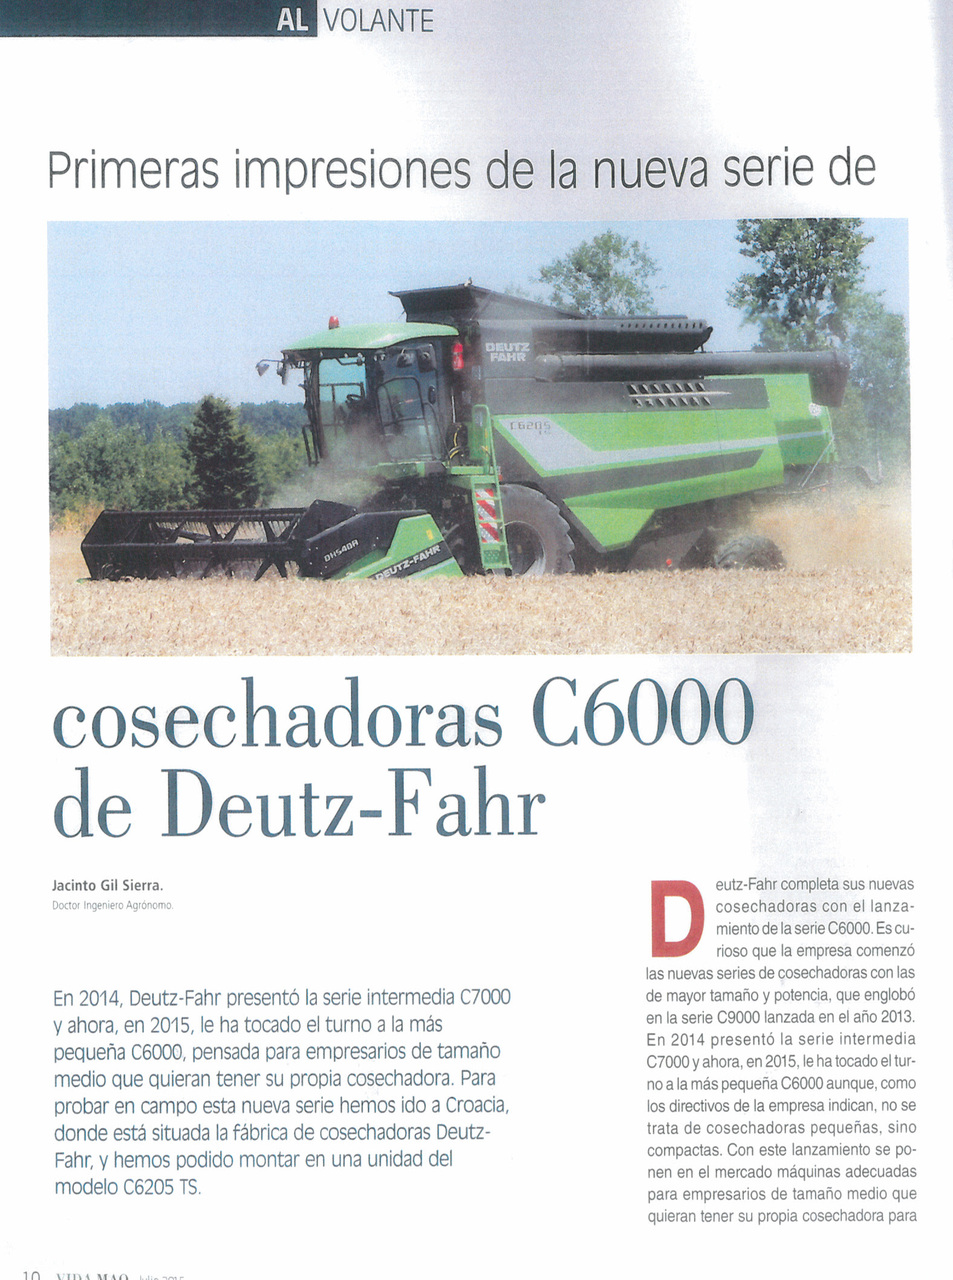 Primeras impresiones de la nueva serie de cosechadoras C6000 de Deutz-Fahr